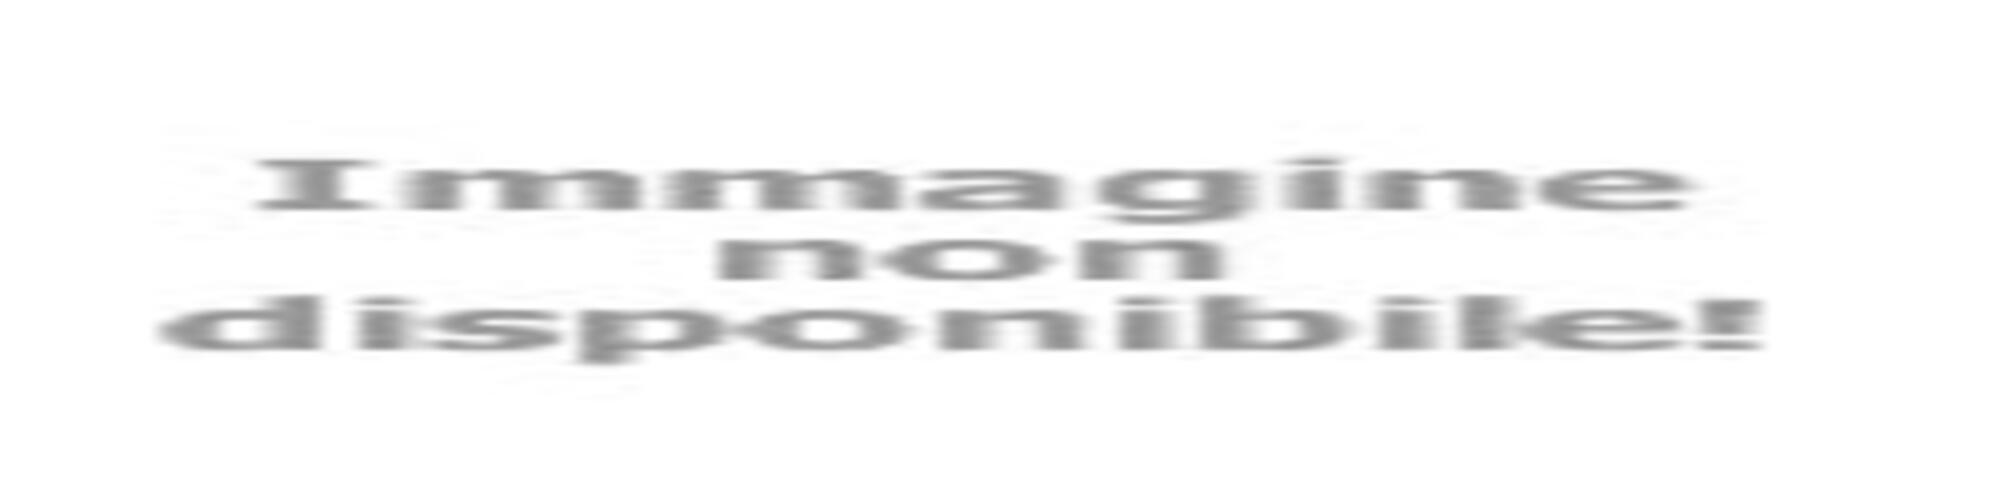 Assicurazione BSM Previdenza